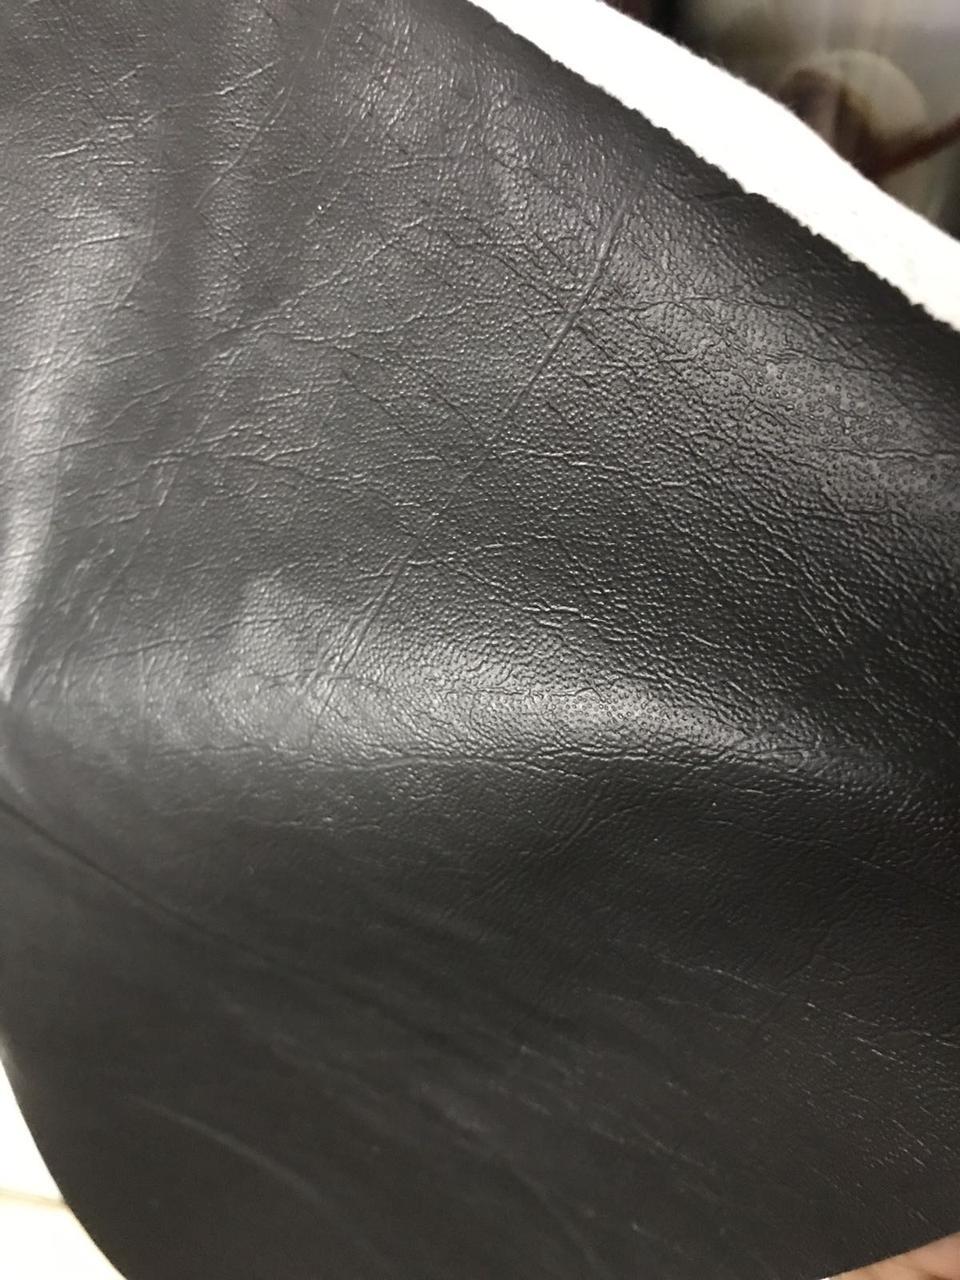 Дерматин(кож.зам) на метраж гладкий ширина 1м Черный